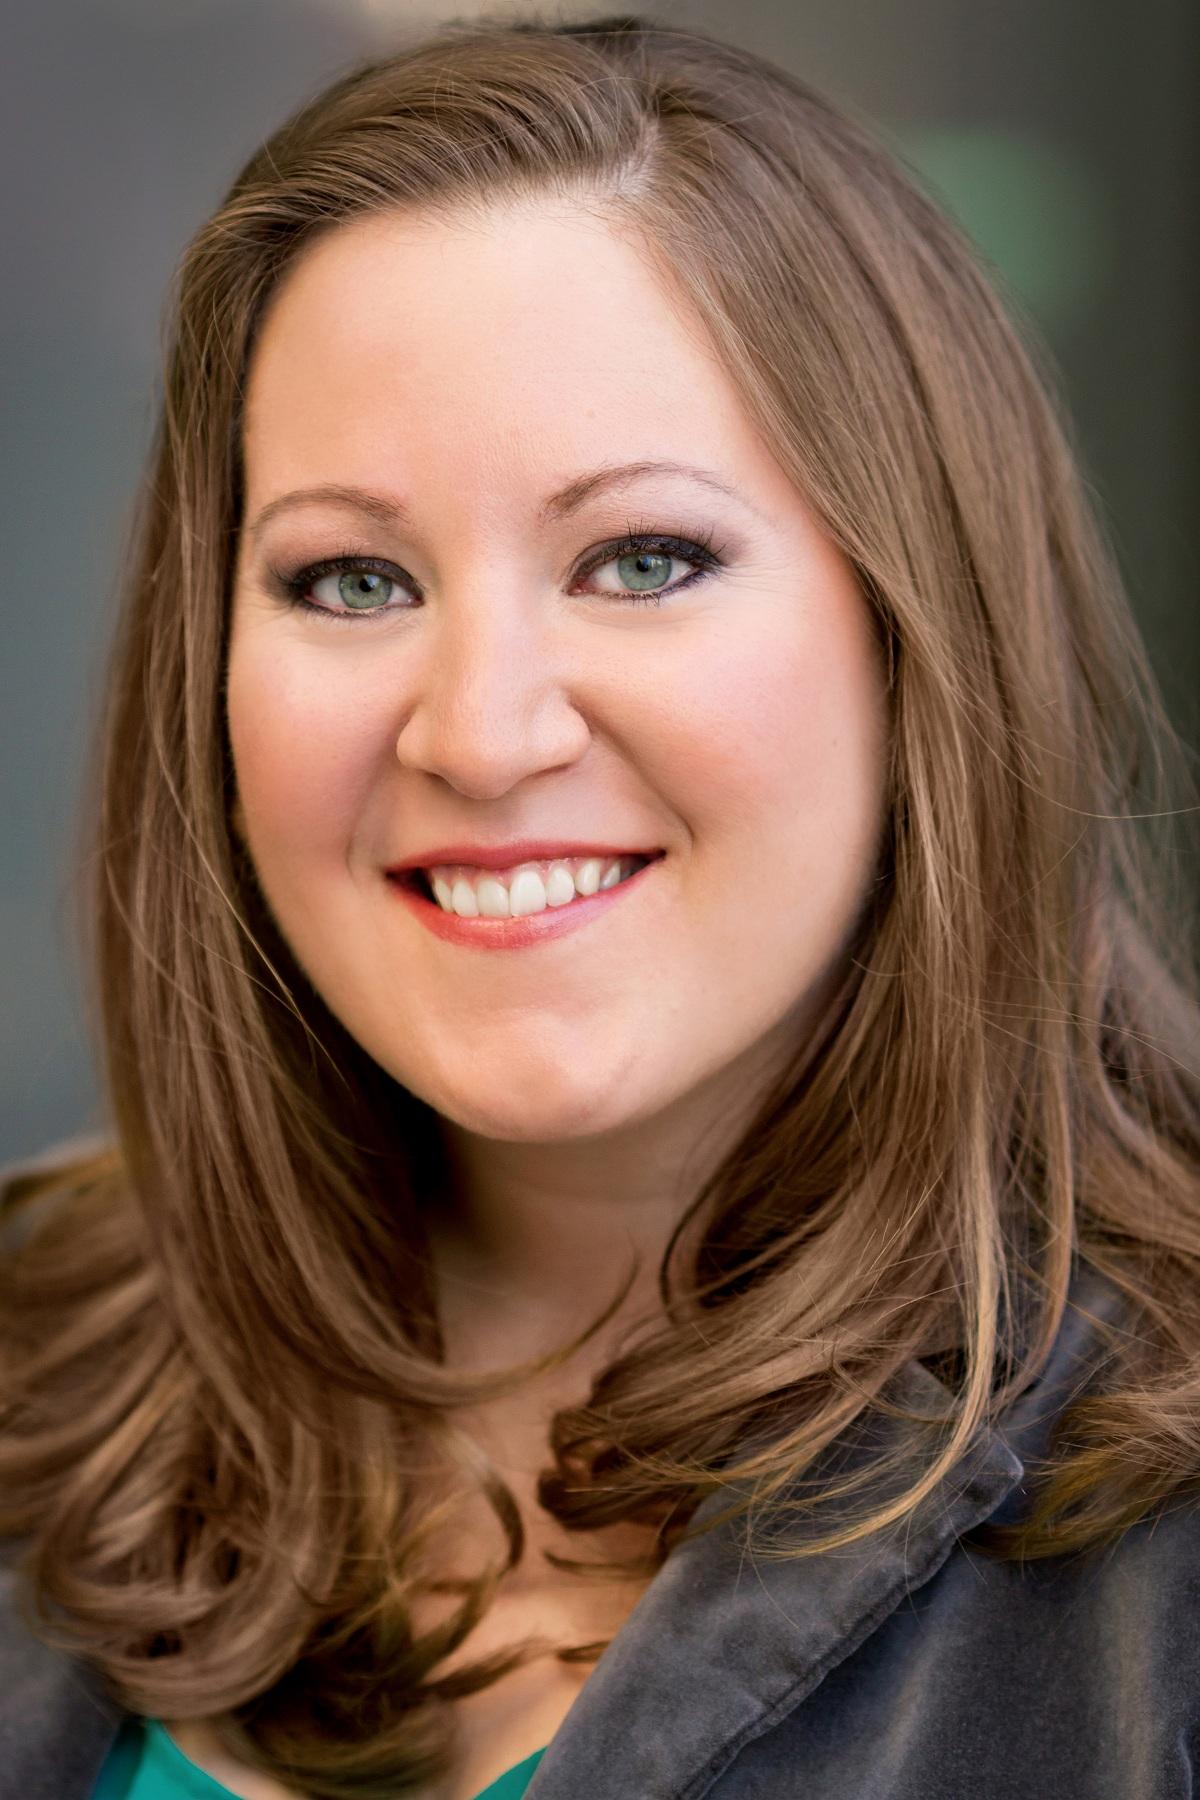 Clara Osowski Headshot.jpg